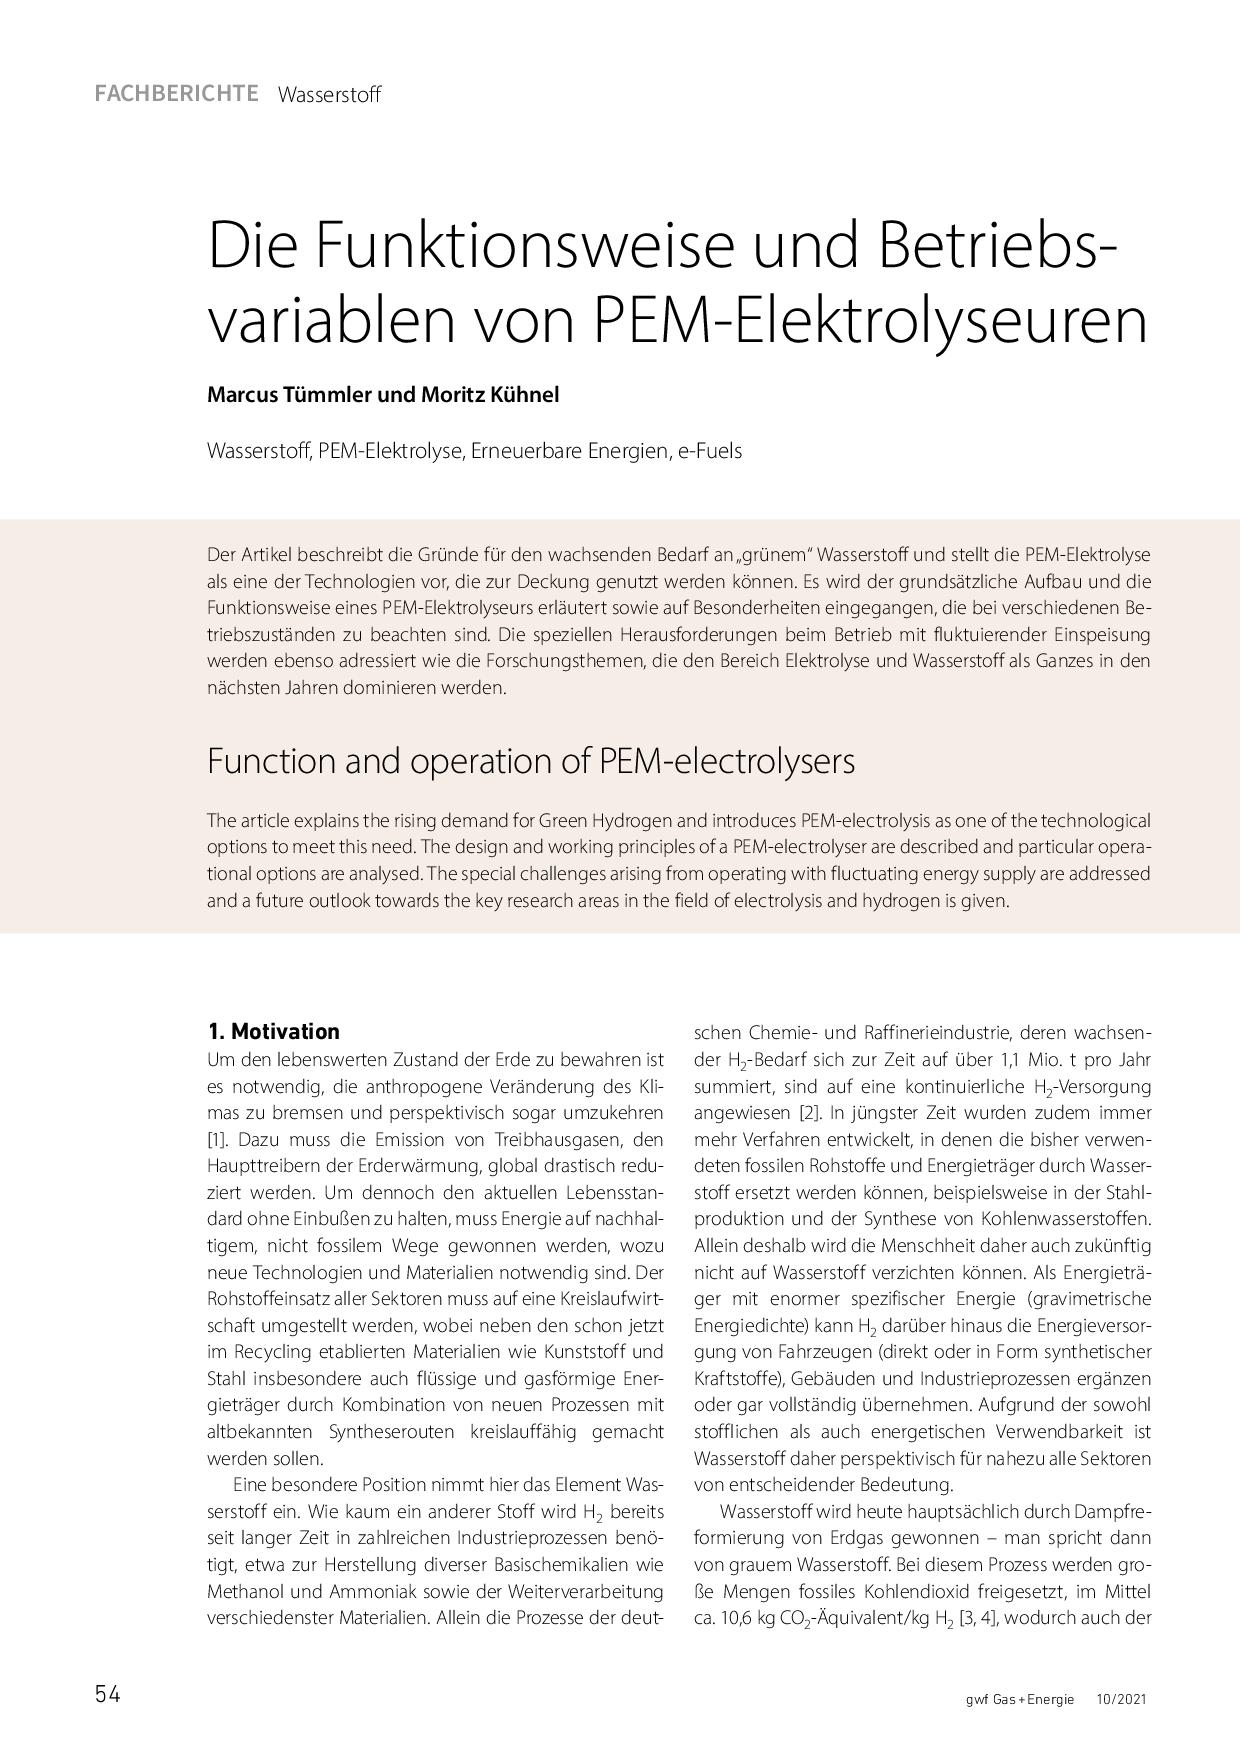 Die Funktionsweise und Betriebsvariablen von PEM-Elektrolyseuren